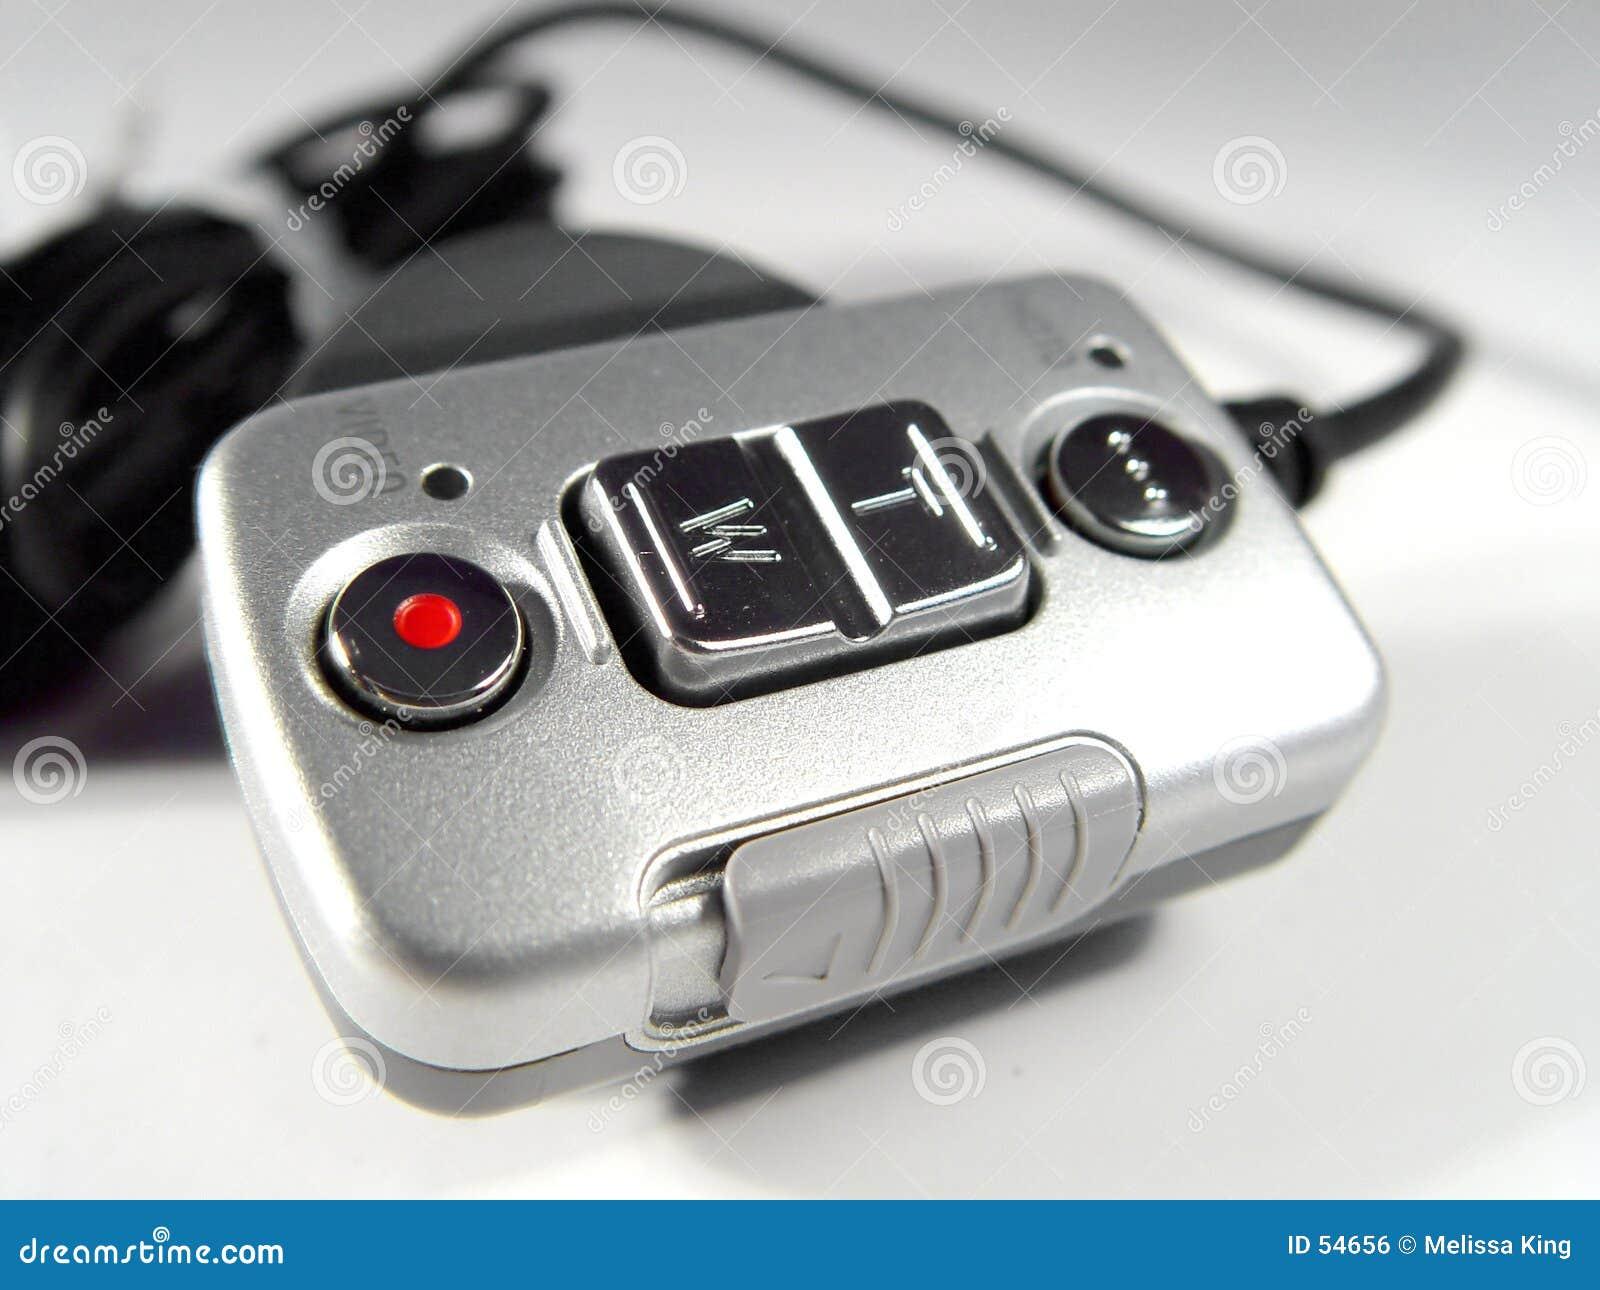 Telecontrole para a câmara digital